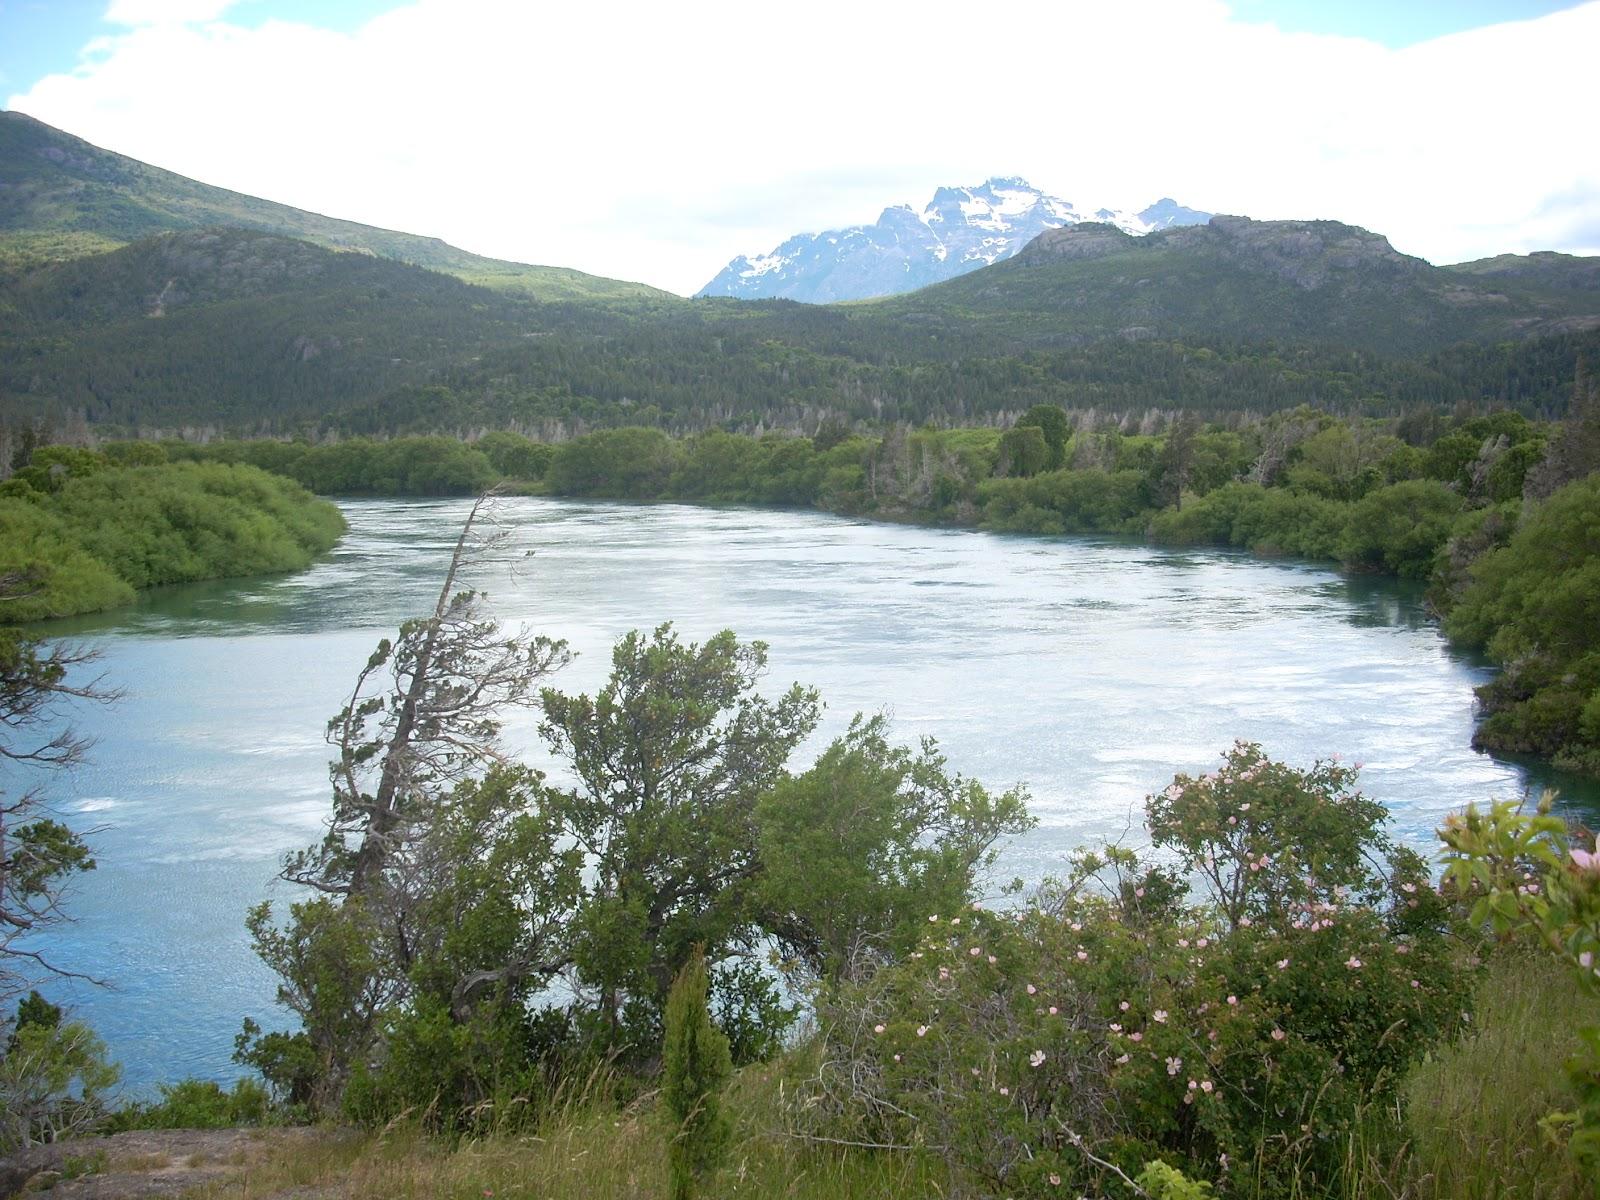 Rio Futaleufu